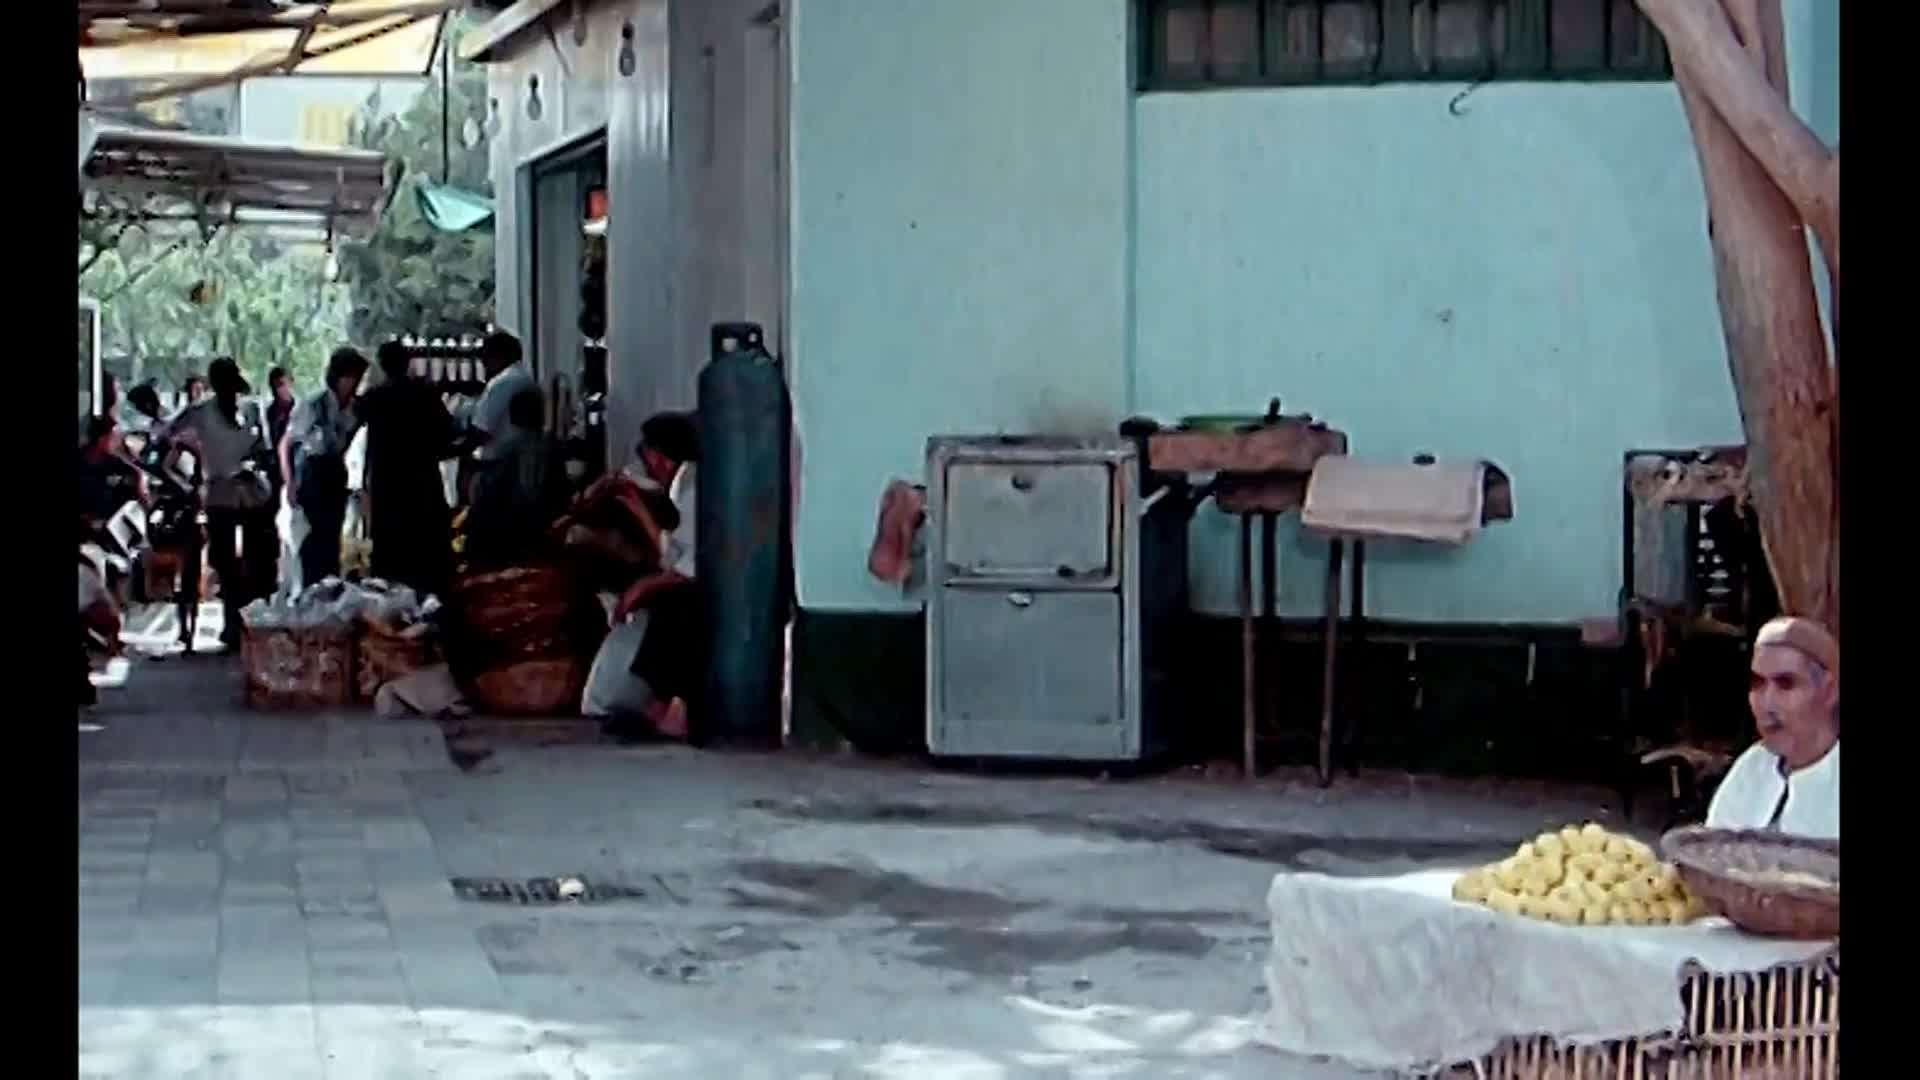 [فيلم][تورنت][تحميل][أحلام هند وكاميليا][1988][1080p][Web-DL] 12 arabp2p.com